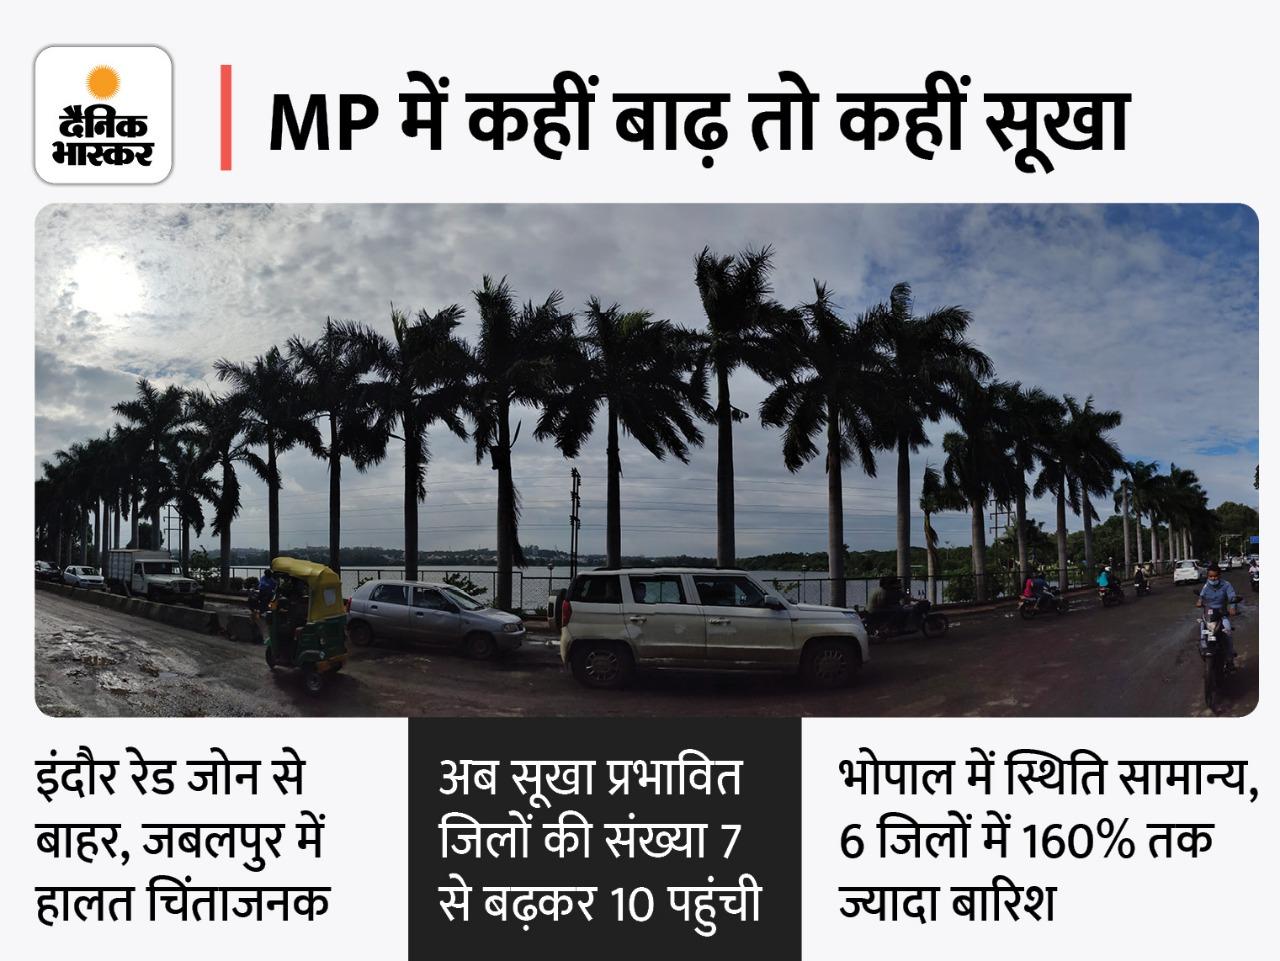 पिछले हफ्ते सूखे जिलों की संख्या 7 थी, वहीं गुना और श्योपुर में 7 दिन में दो माह के बराबर पानी गिरा; इंदौर रेड जोन से निकला, भोपाल सामान्य|मध्य प्रदेश,Madhya Pradesh - Dainik Bhaskar